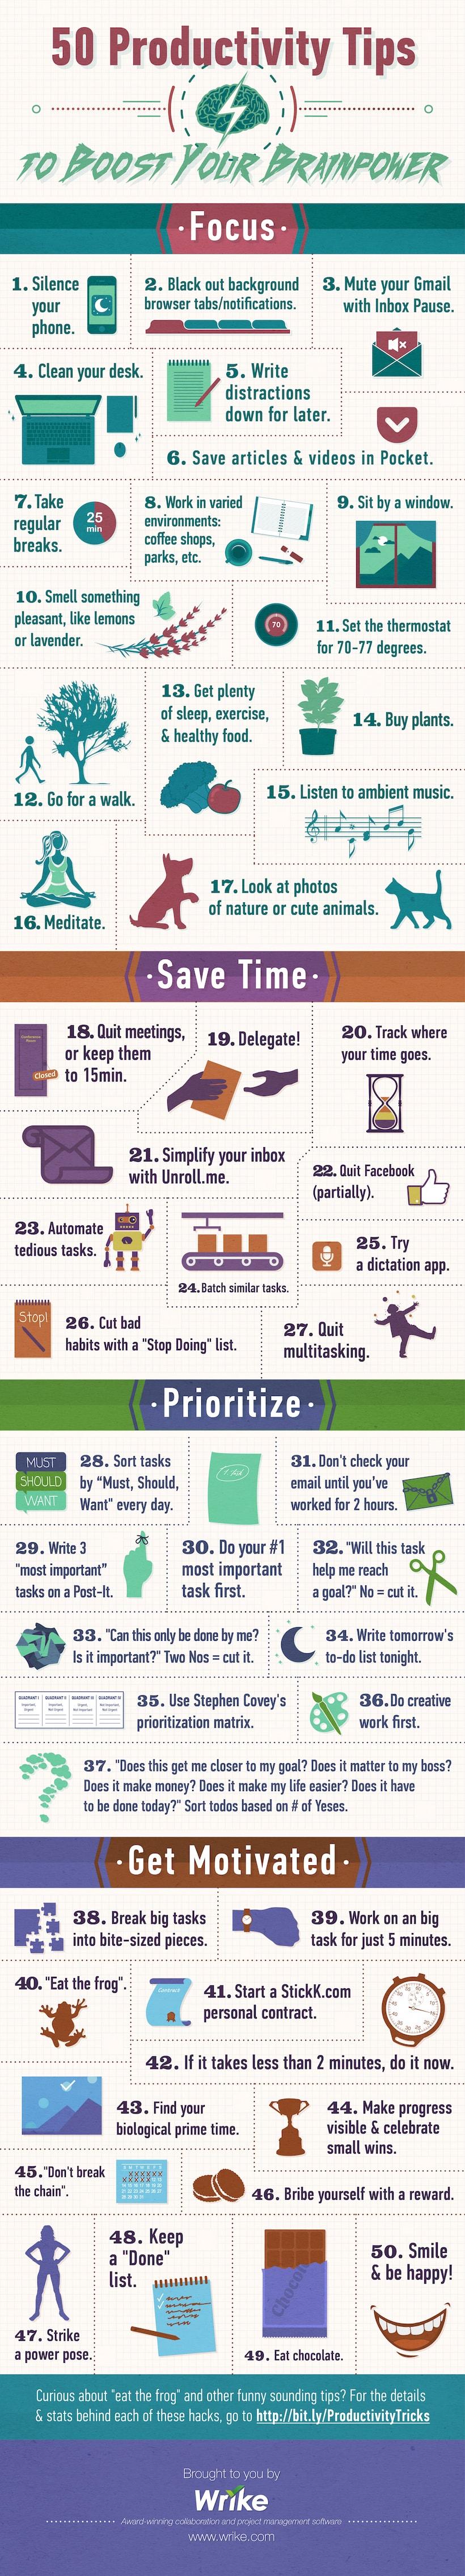 Infografik: Produktivitaets Tipps / Hacks